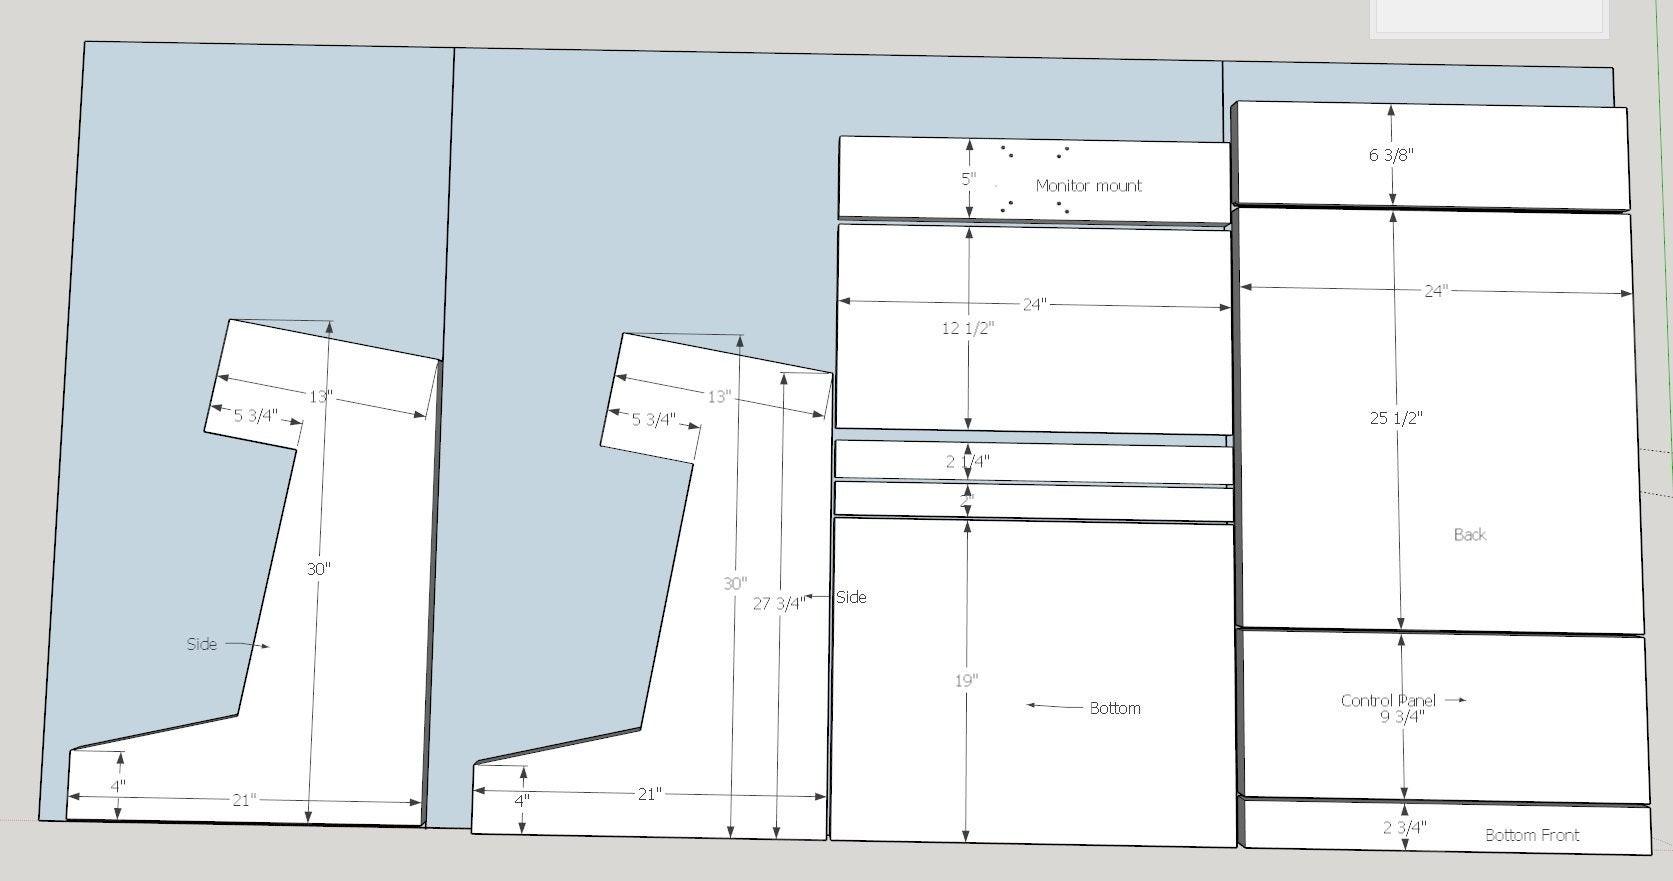 countertop arcade cabinet plans  DIY Bartop Arcade plans, thoughts? : cade - countertop arcade cabinet plans